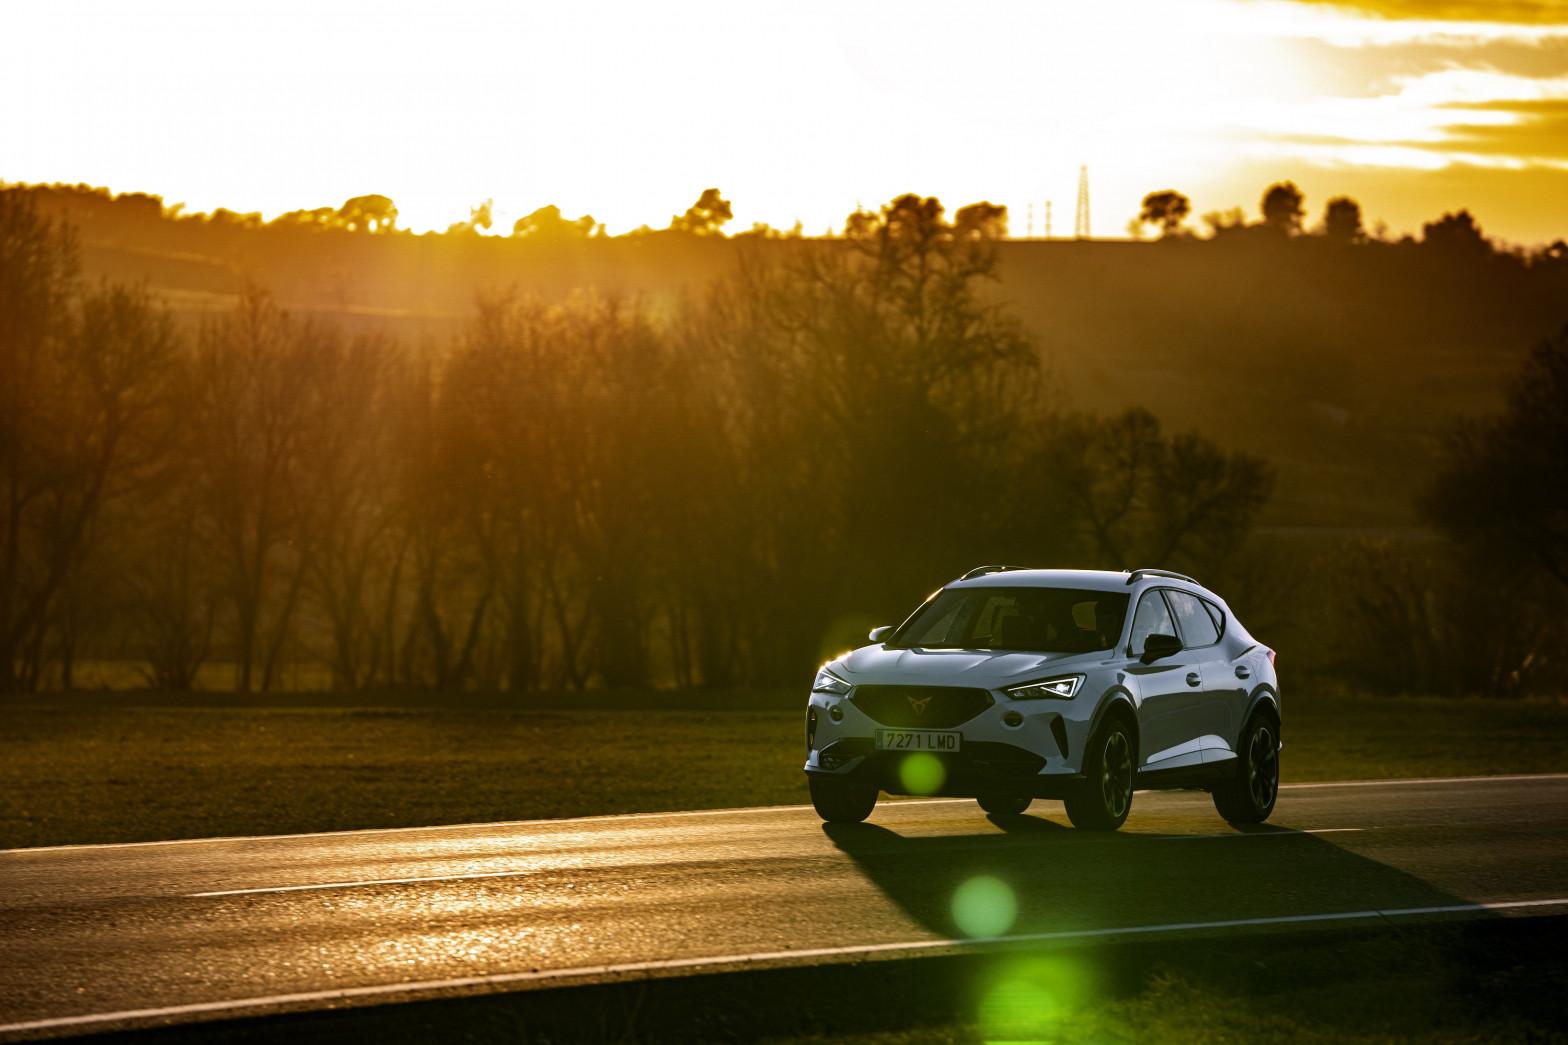 Probamos cuatro nuevas opciones SUV: Formentor, XC40, Q3 y GLA